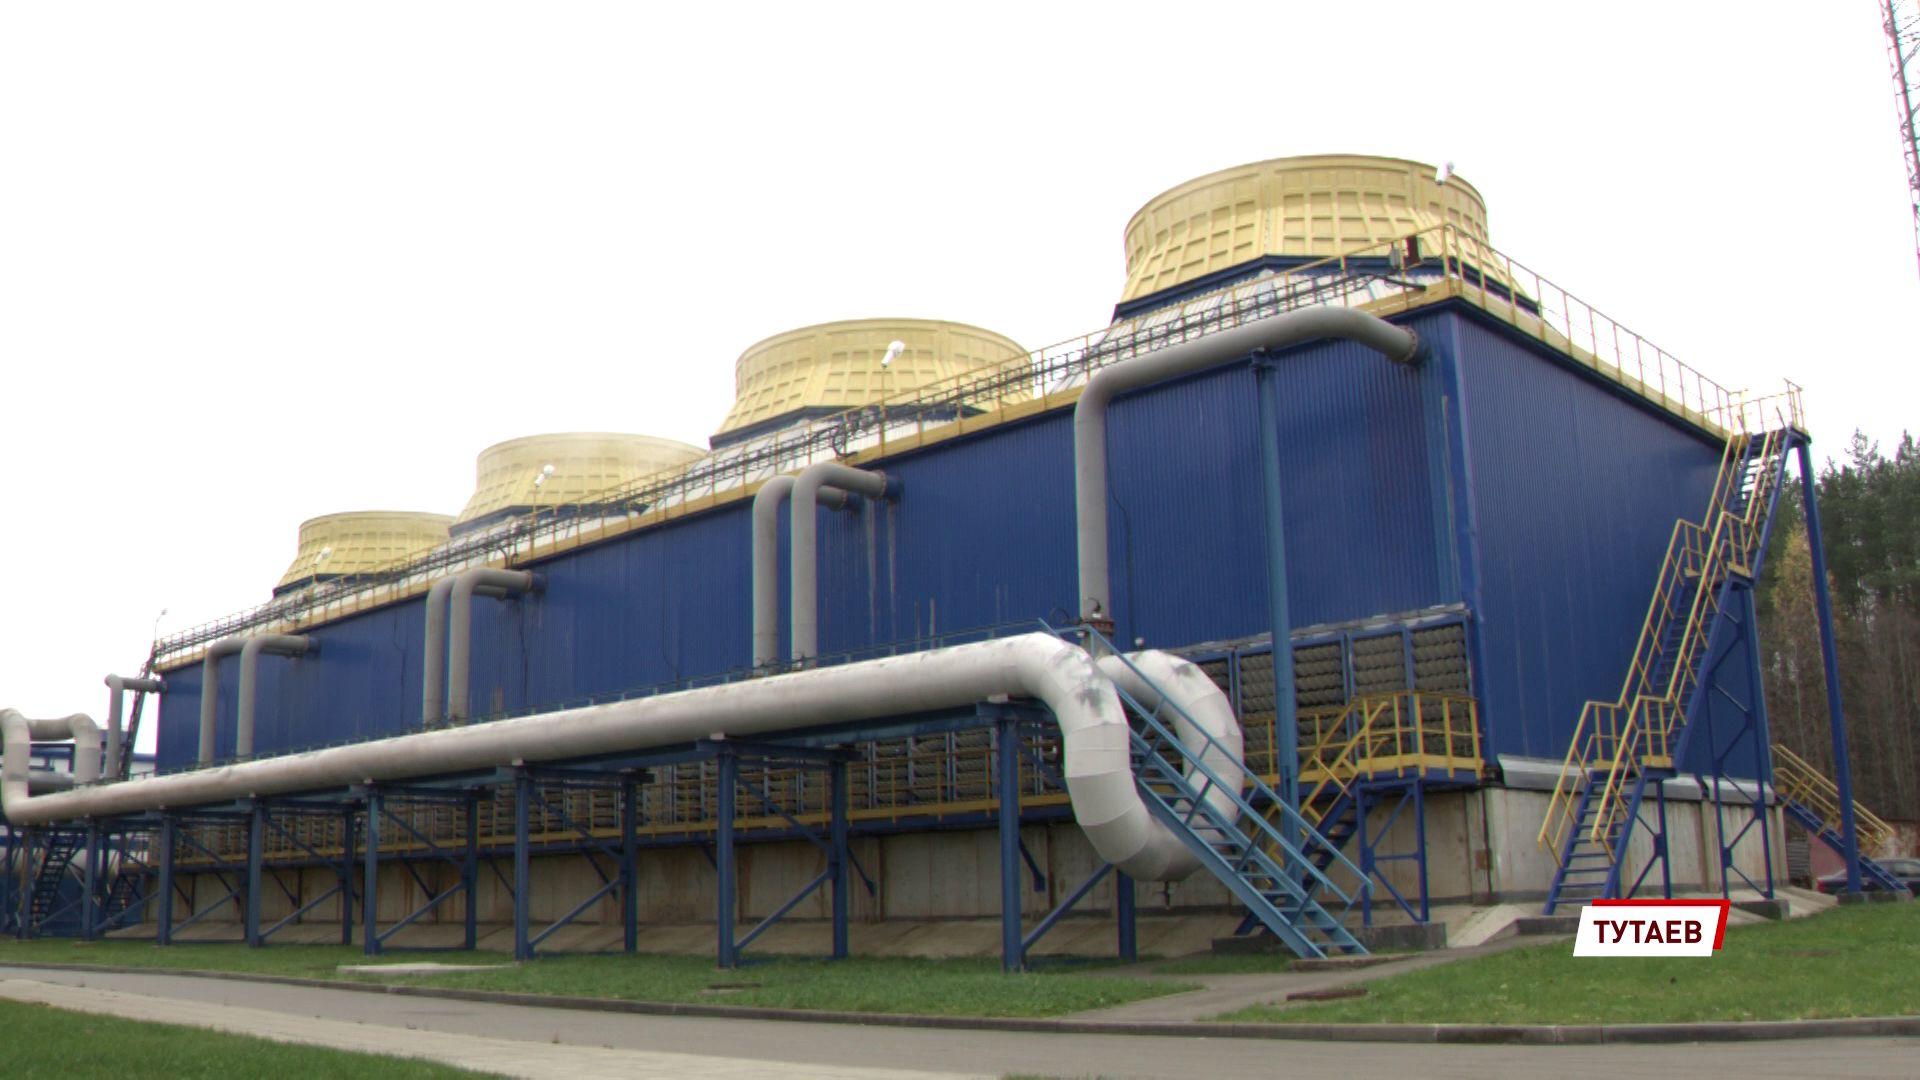 В Тутаеве ввели в эксплуатацию парогазовую теплоэлектростанцию